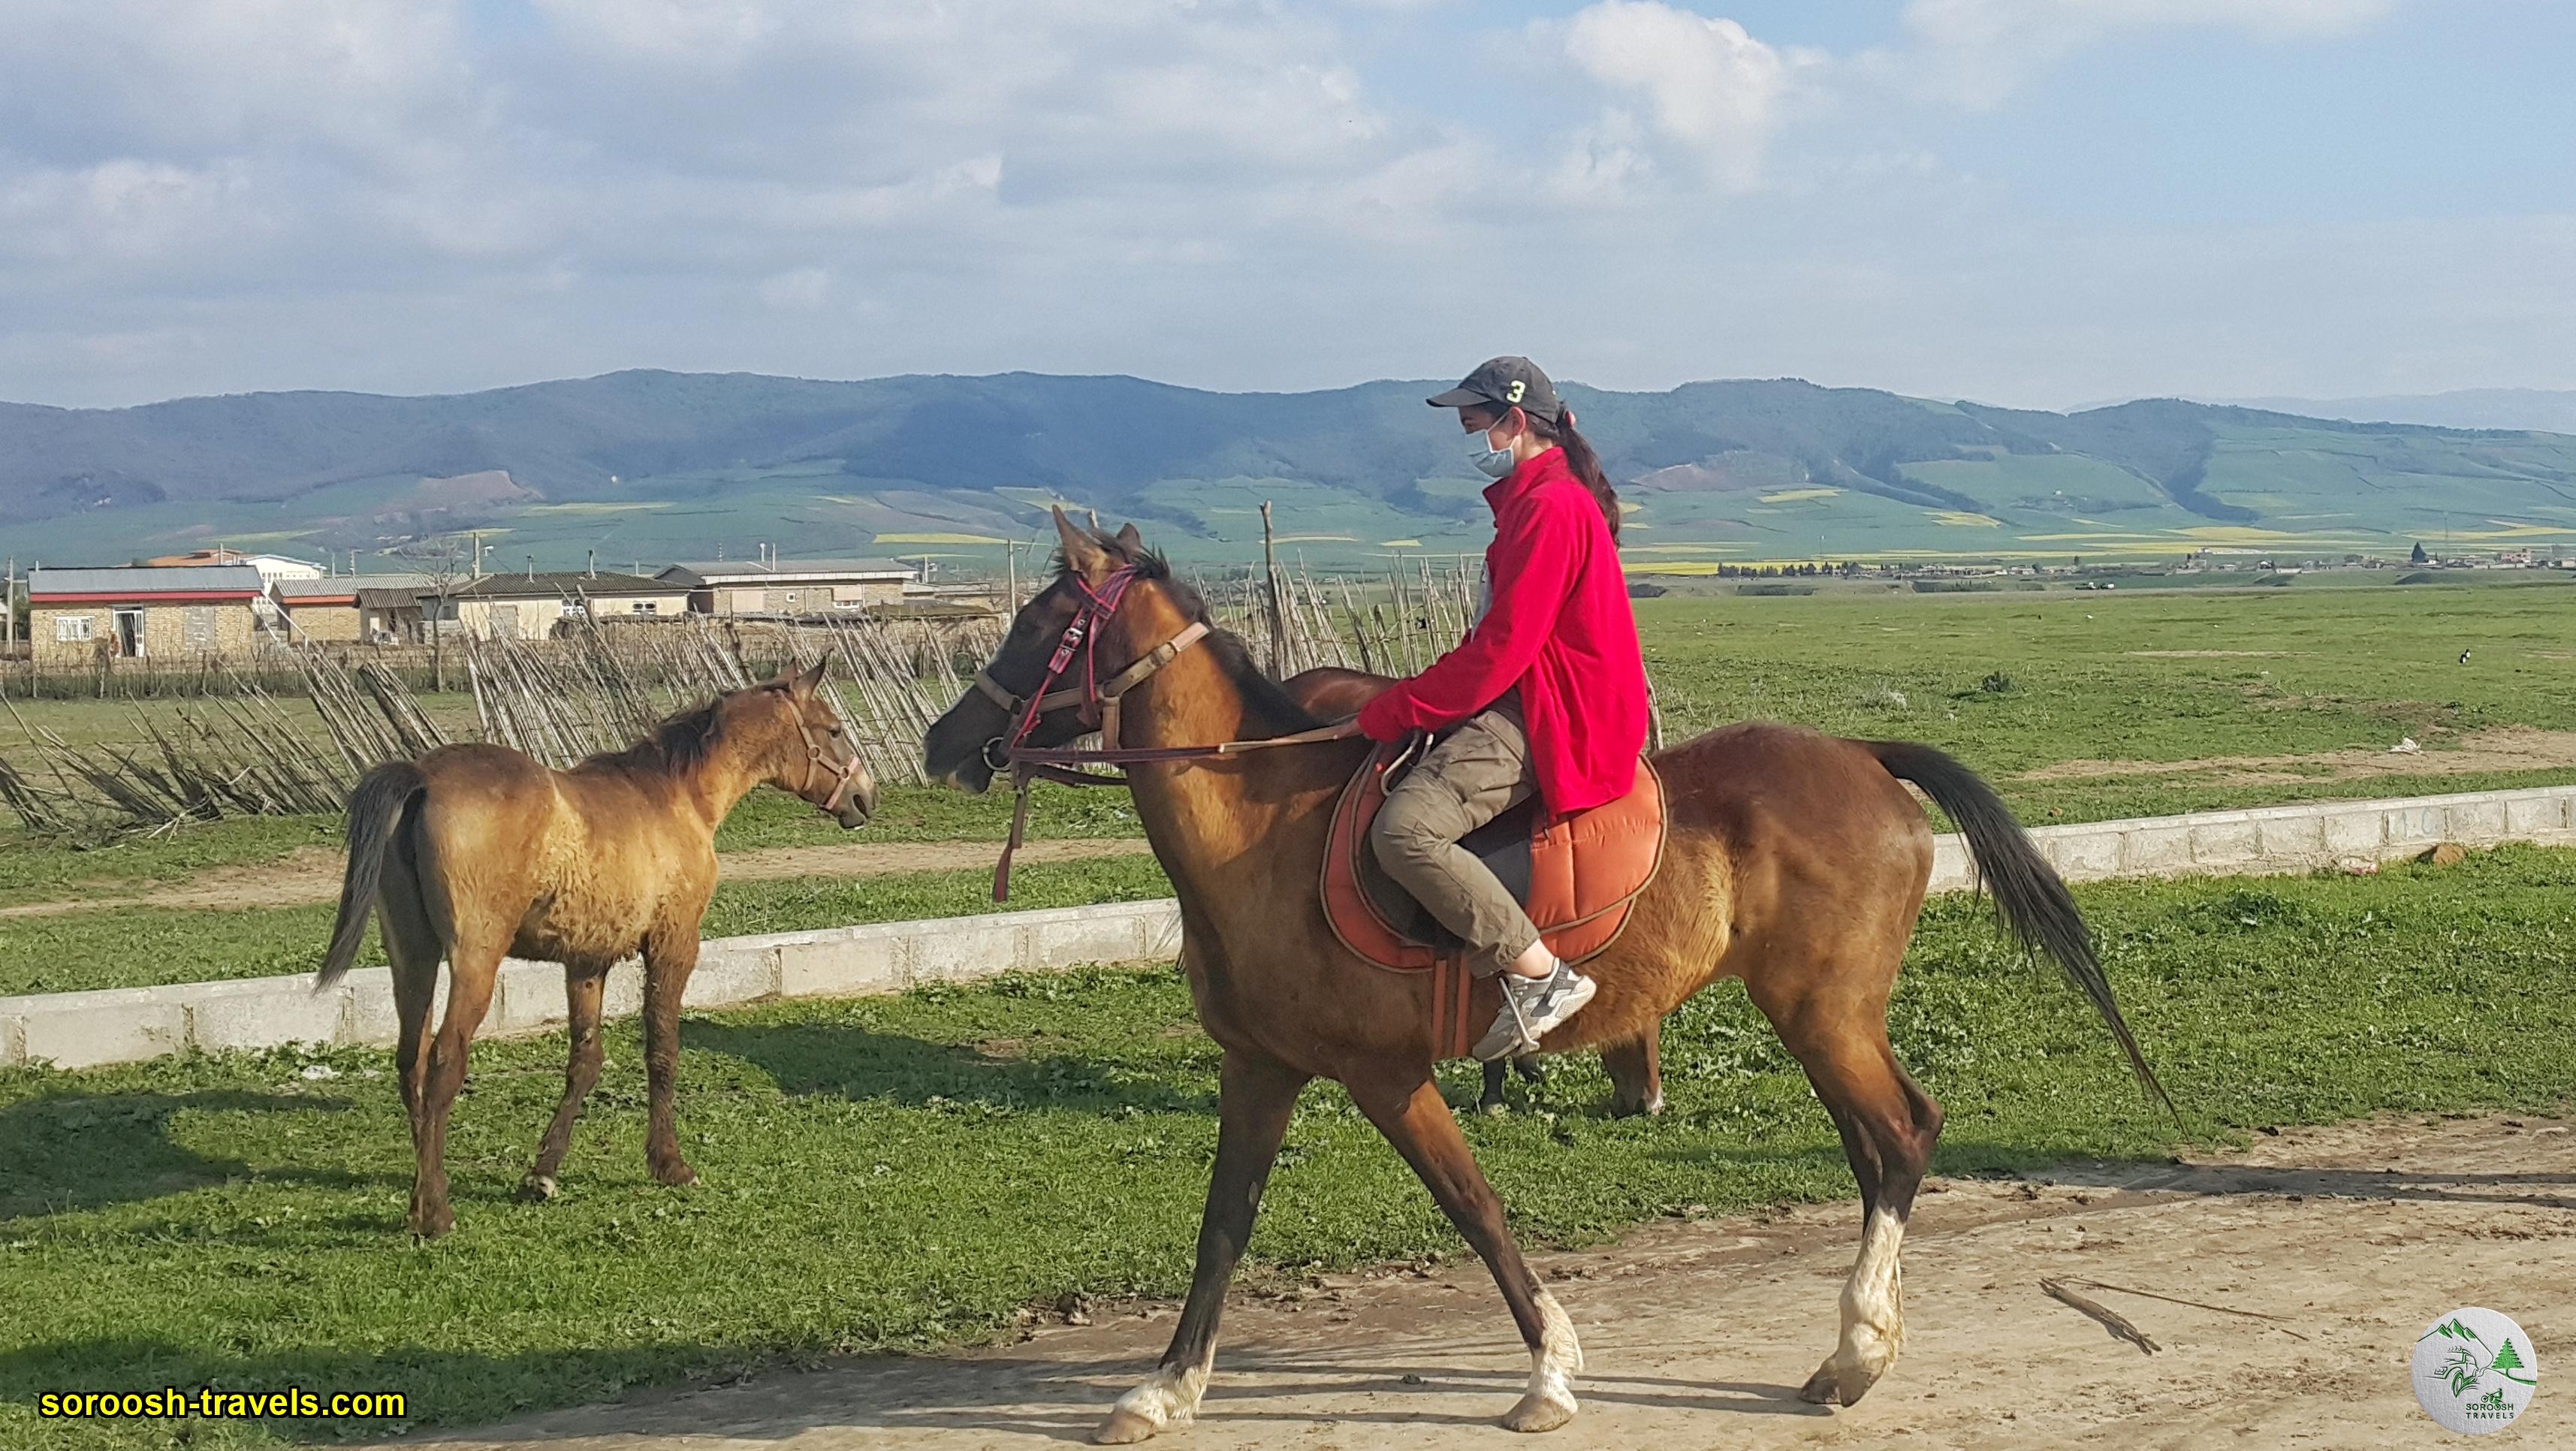 اسب سواری در روستای تمر قره قوزی - نوروز 1400